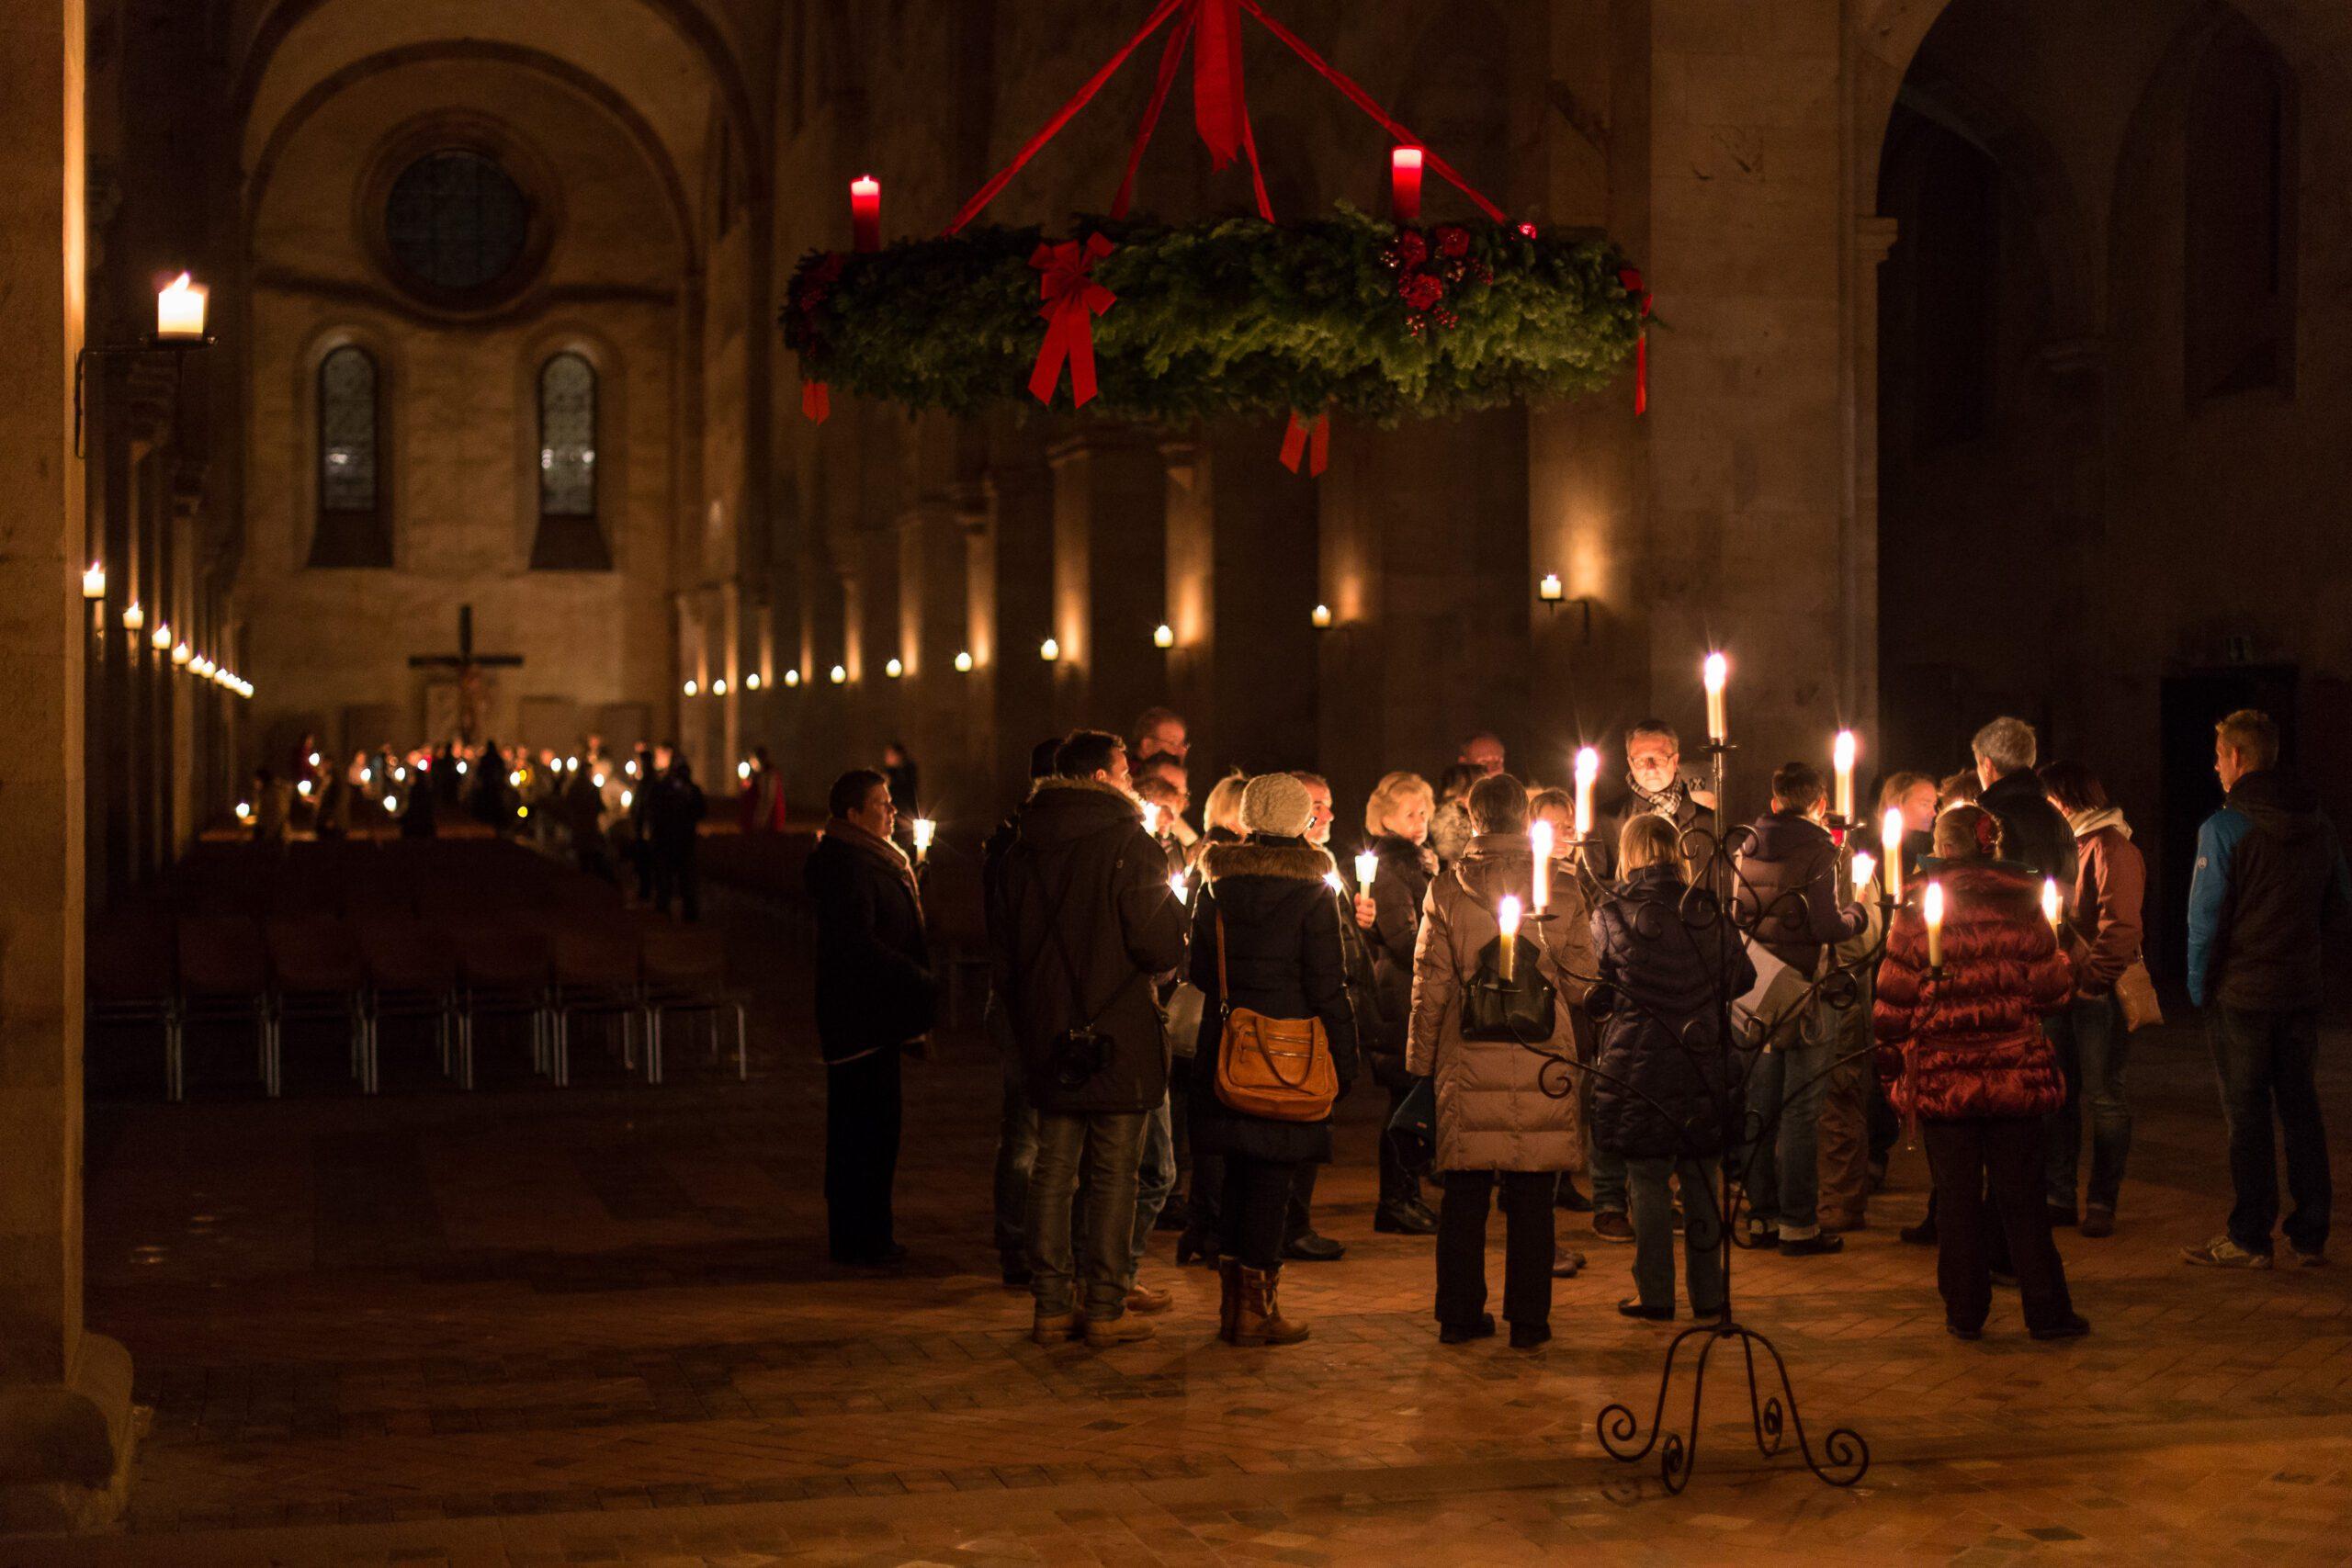 Jörg Schellschmidt - Eventfotografie - Kerzenführung Kloster Eberbach 2014